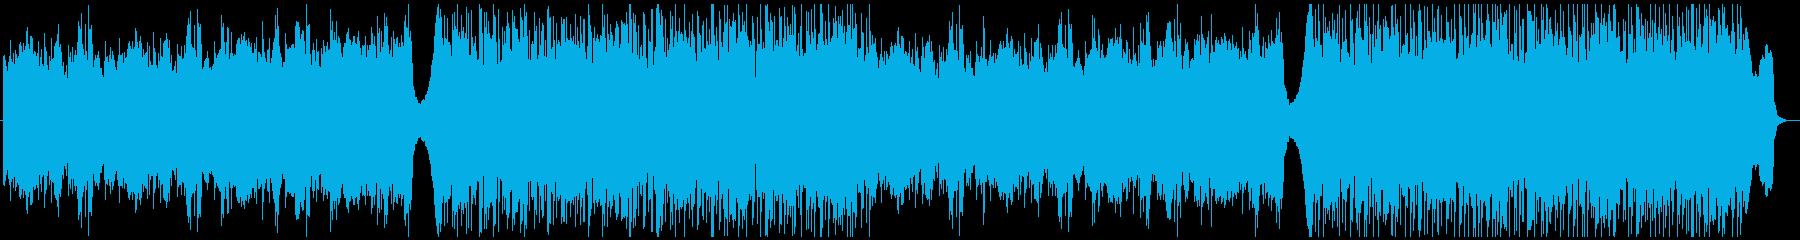 サスペンス・ホラー・ダーク エレクトロの再生済みの波形